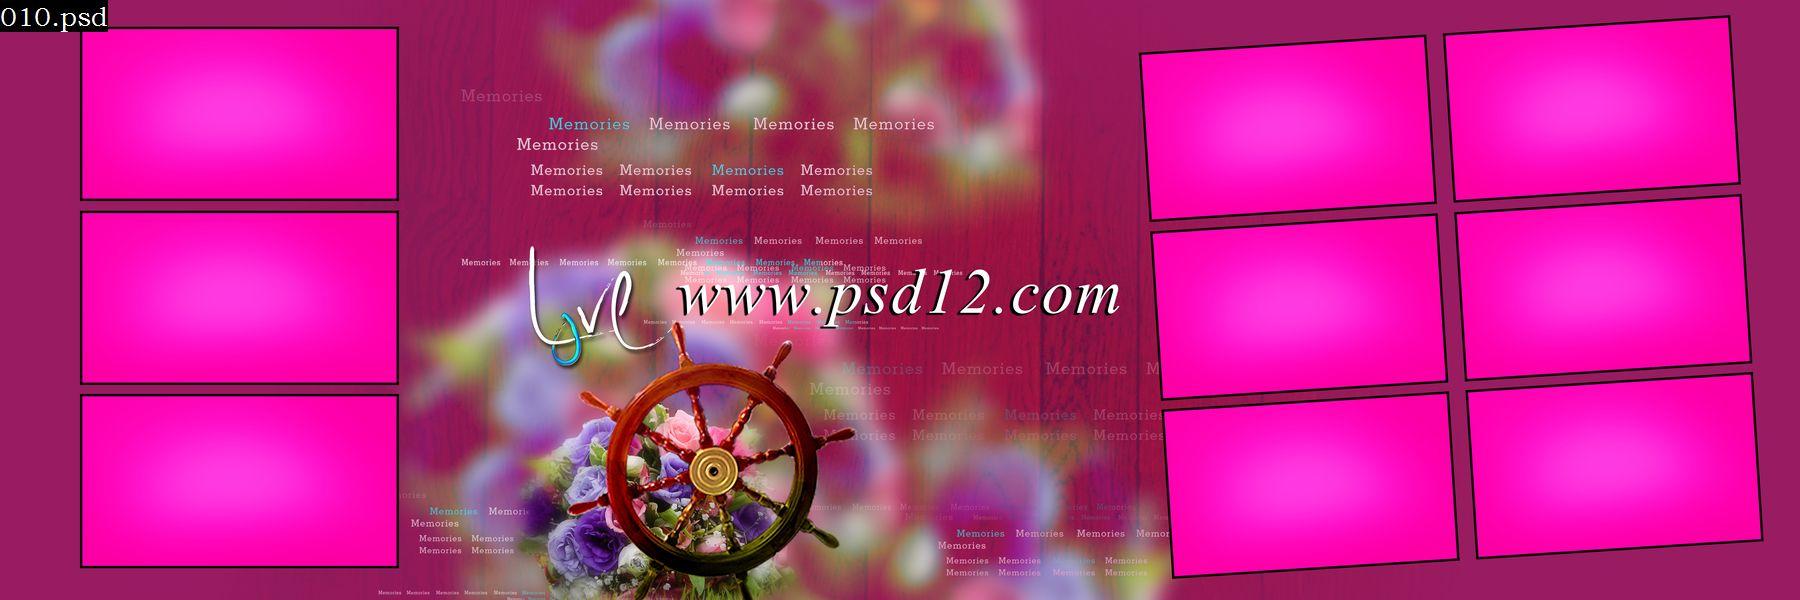 Karizma Album PSD files